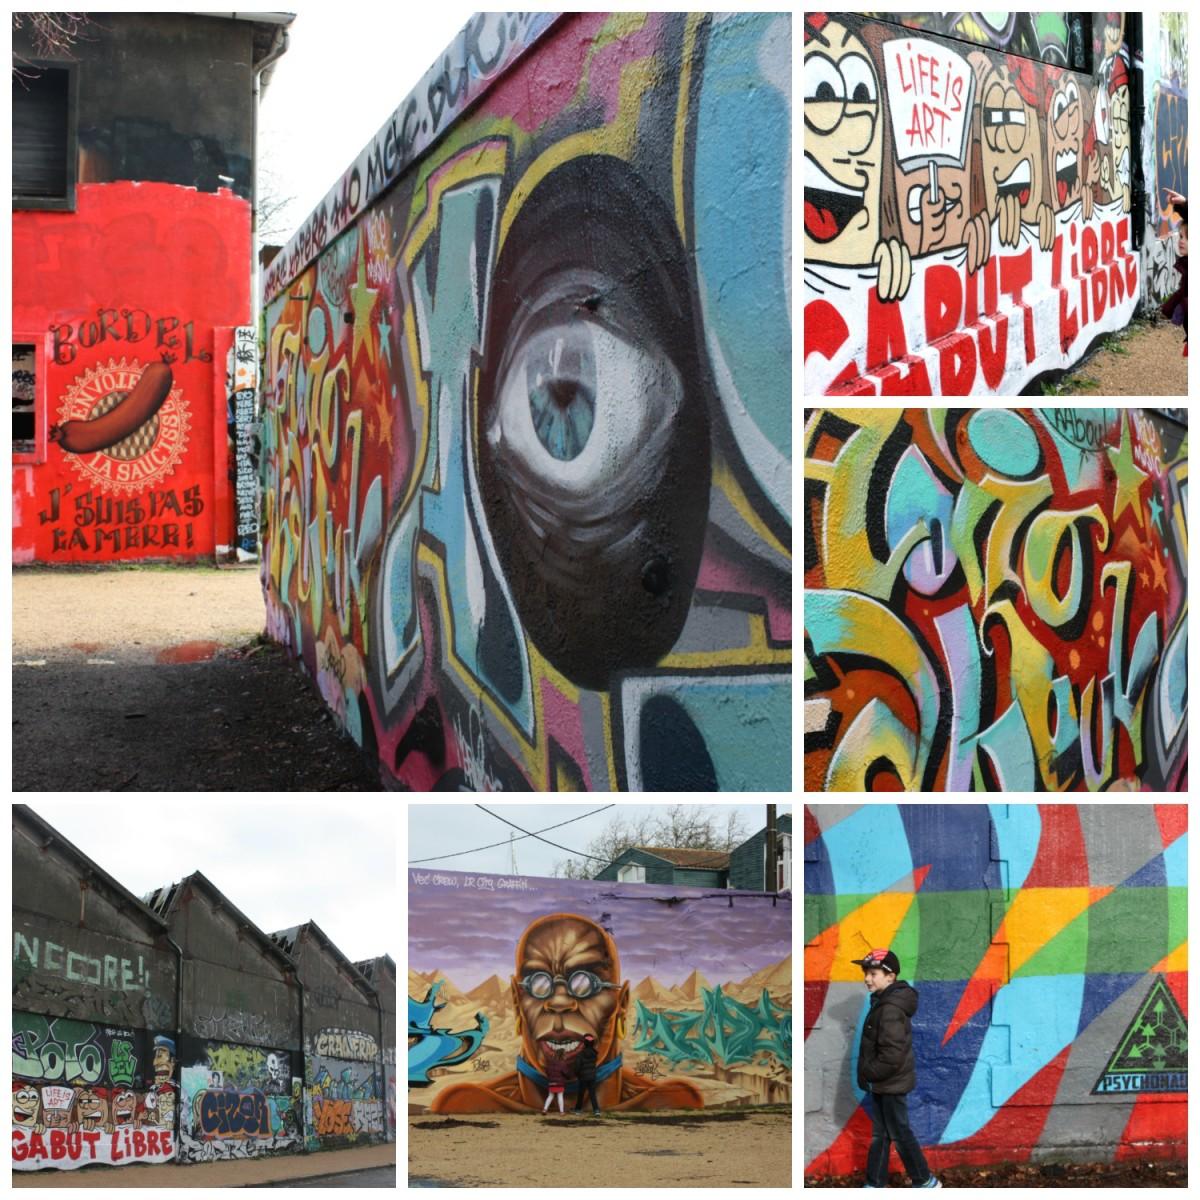 Graffiti art in Quartier Gabut in La Rochelle